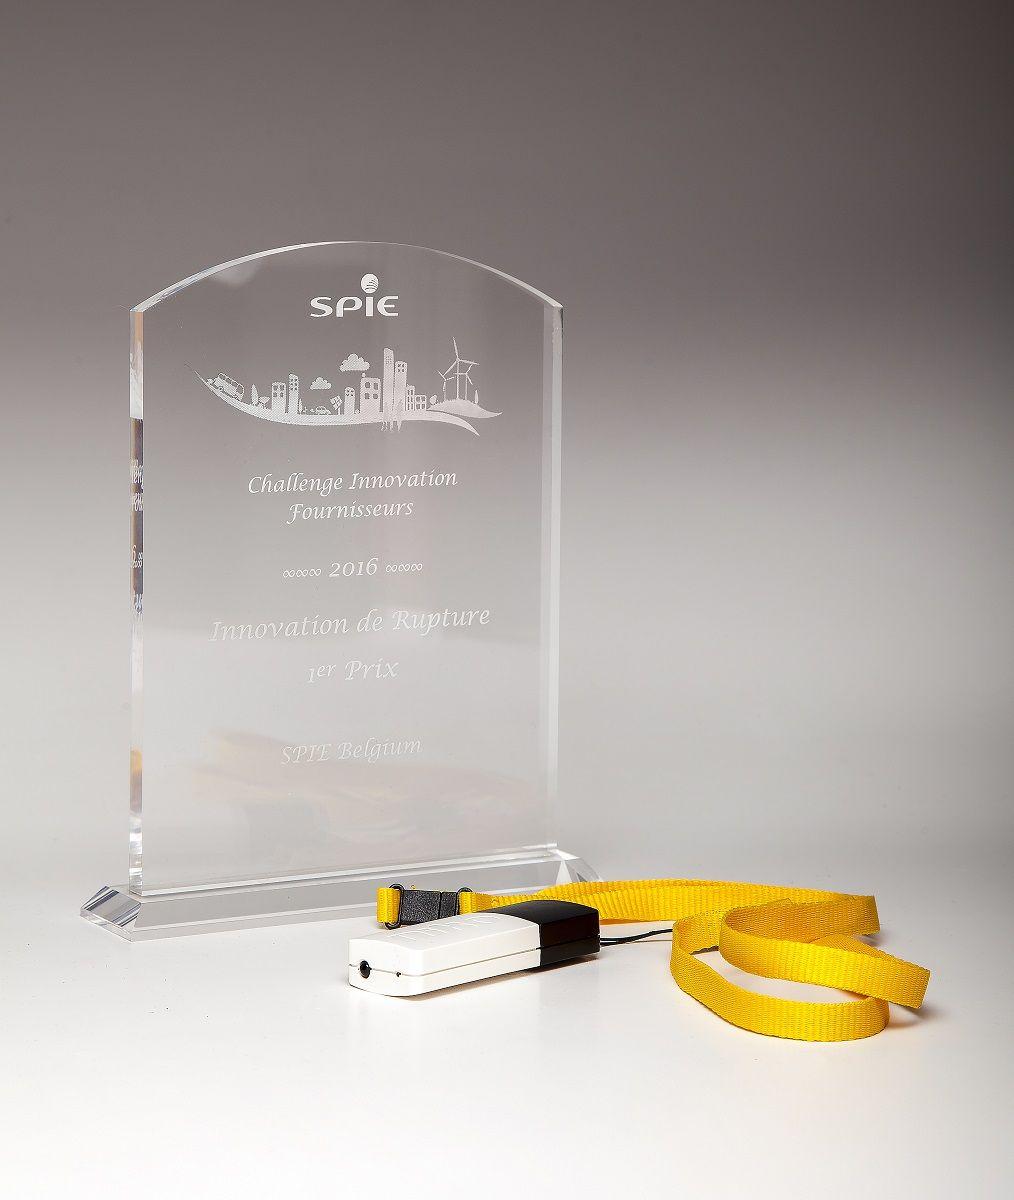 Niko ontvangt eerste 'disruptive innovation award' van SPIE Belgium